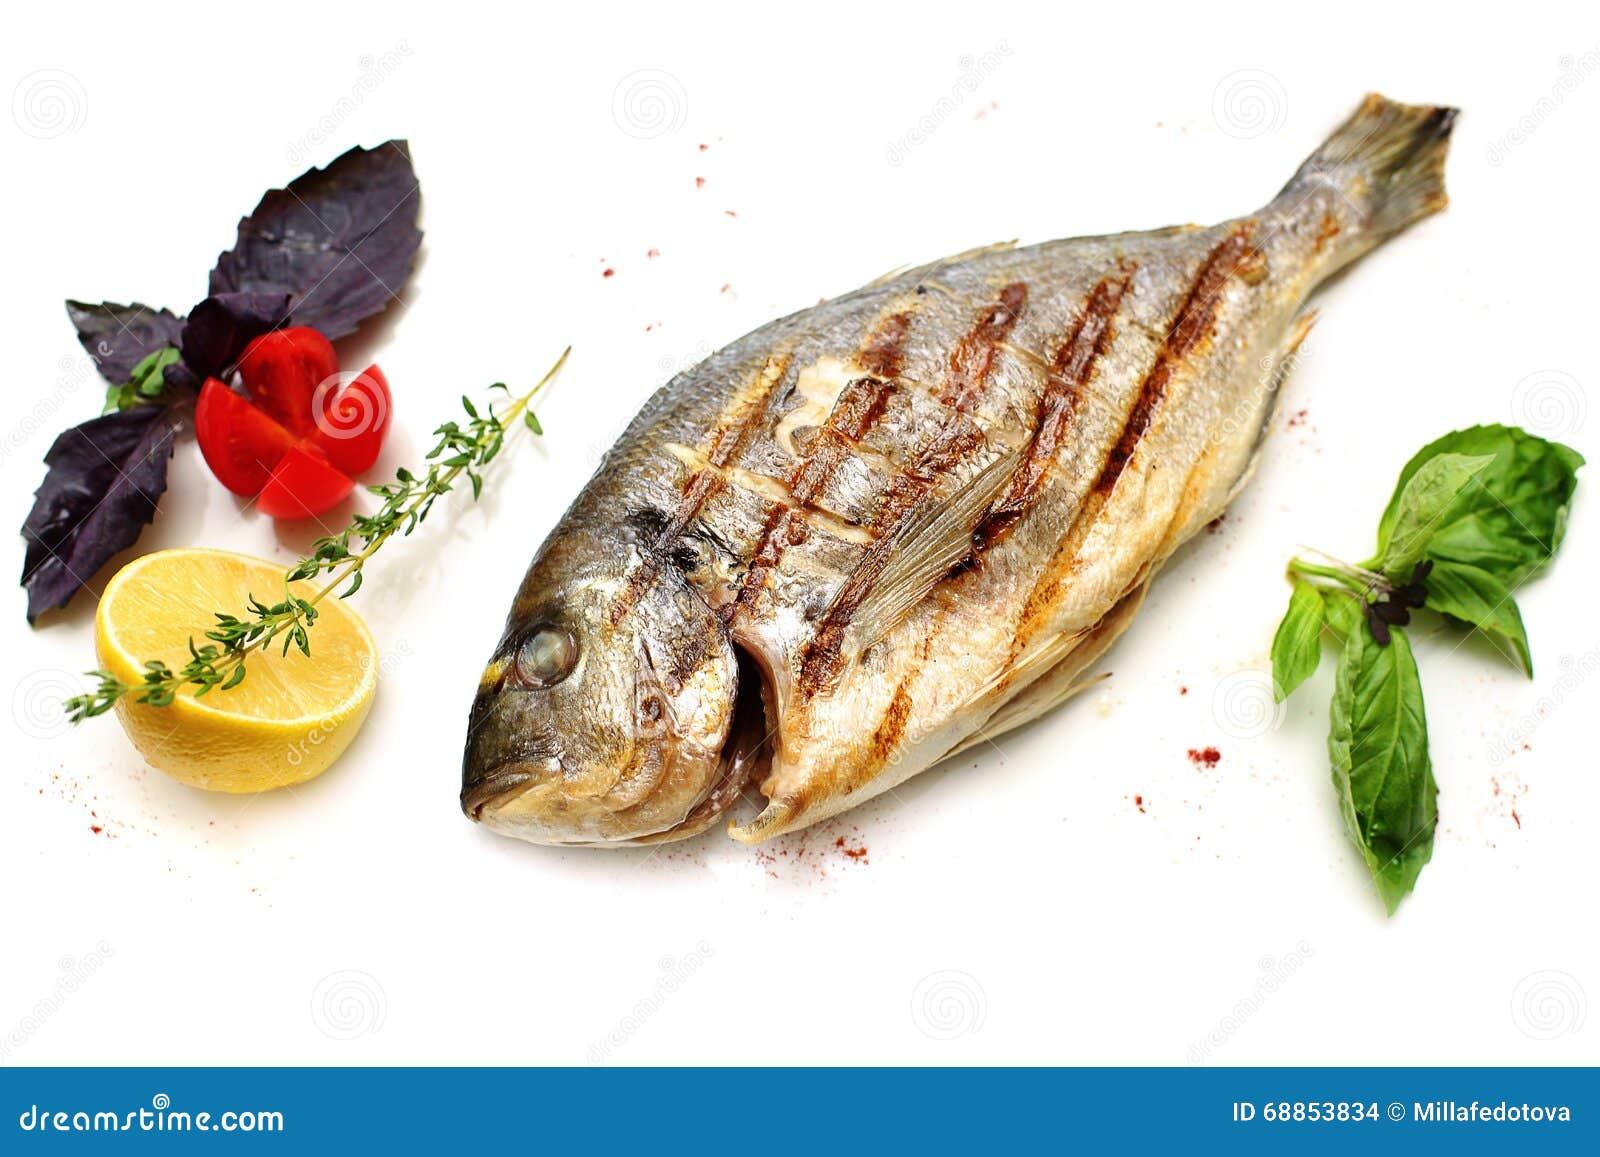 Dorado Fish with Garnish